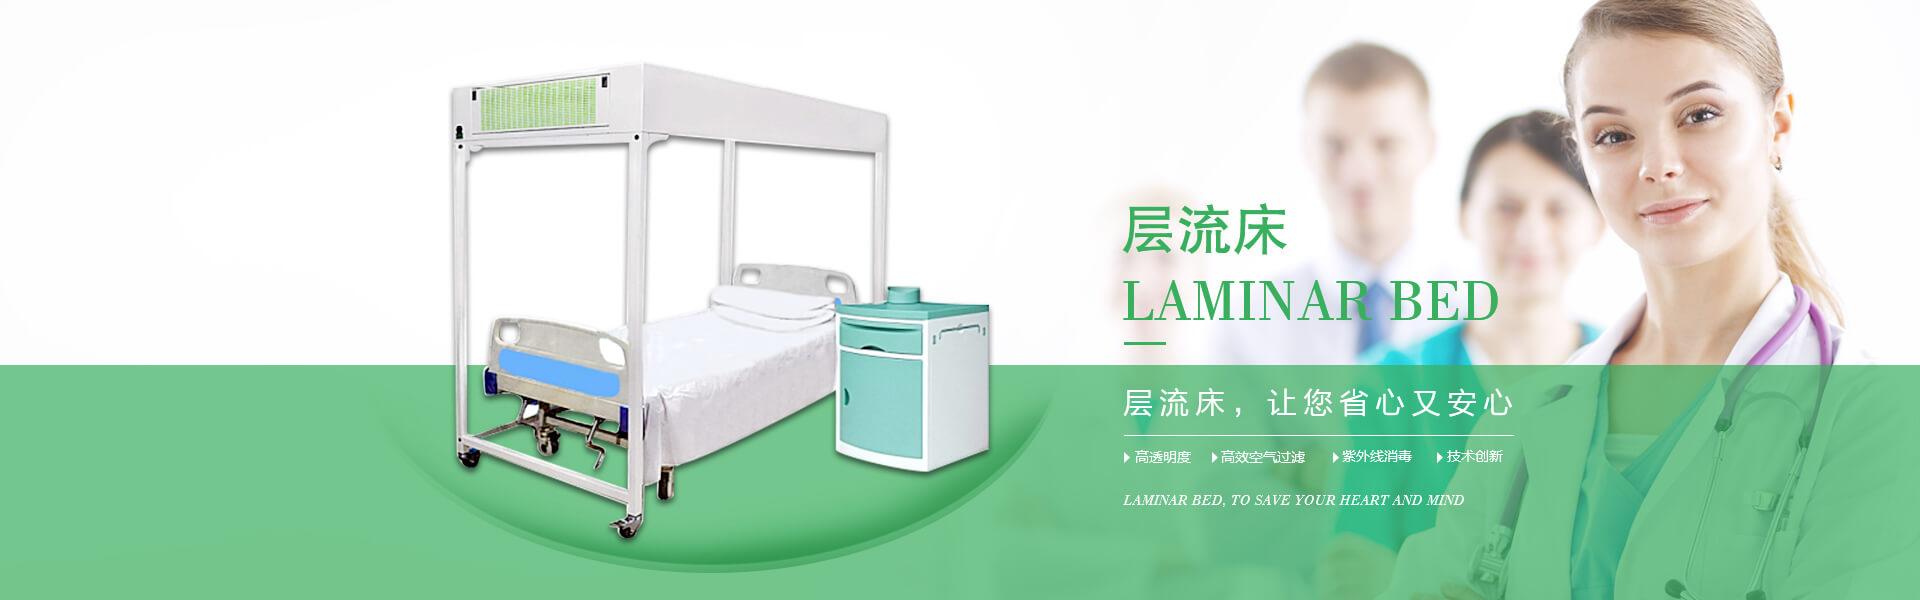 广州市曦乐欢医疗器械有限公司专注研发生产的beplay体育官网下载床,具备高透明度、高效空气过滤、紫外线消毒的特点!